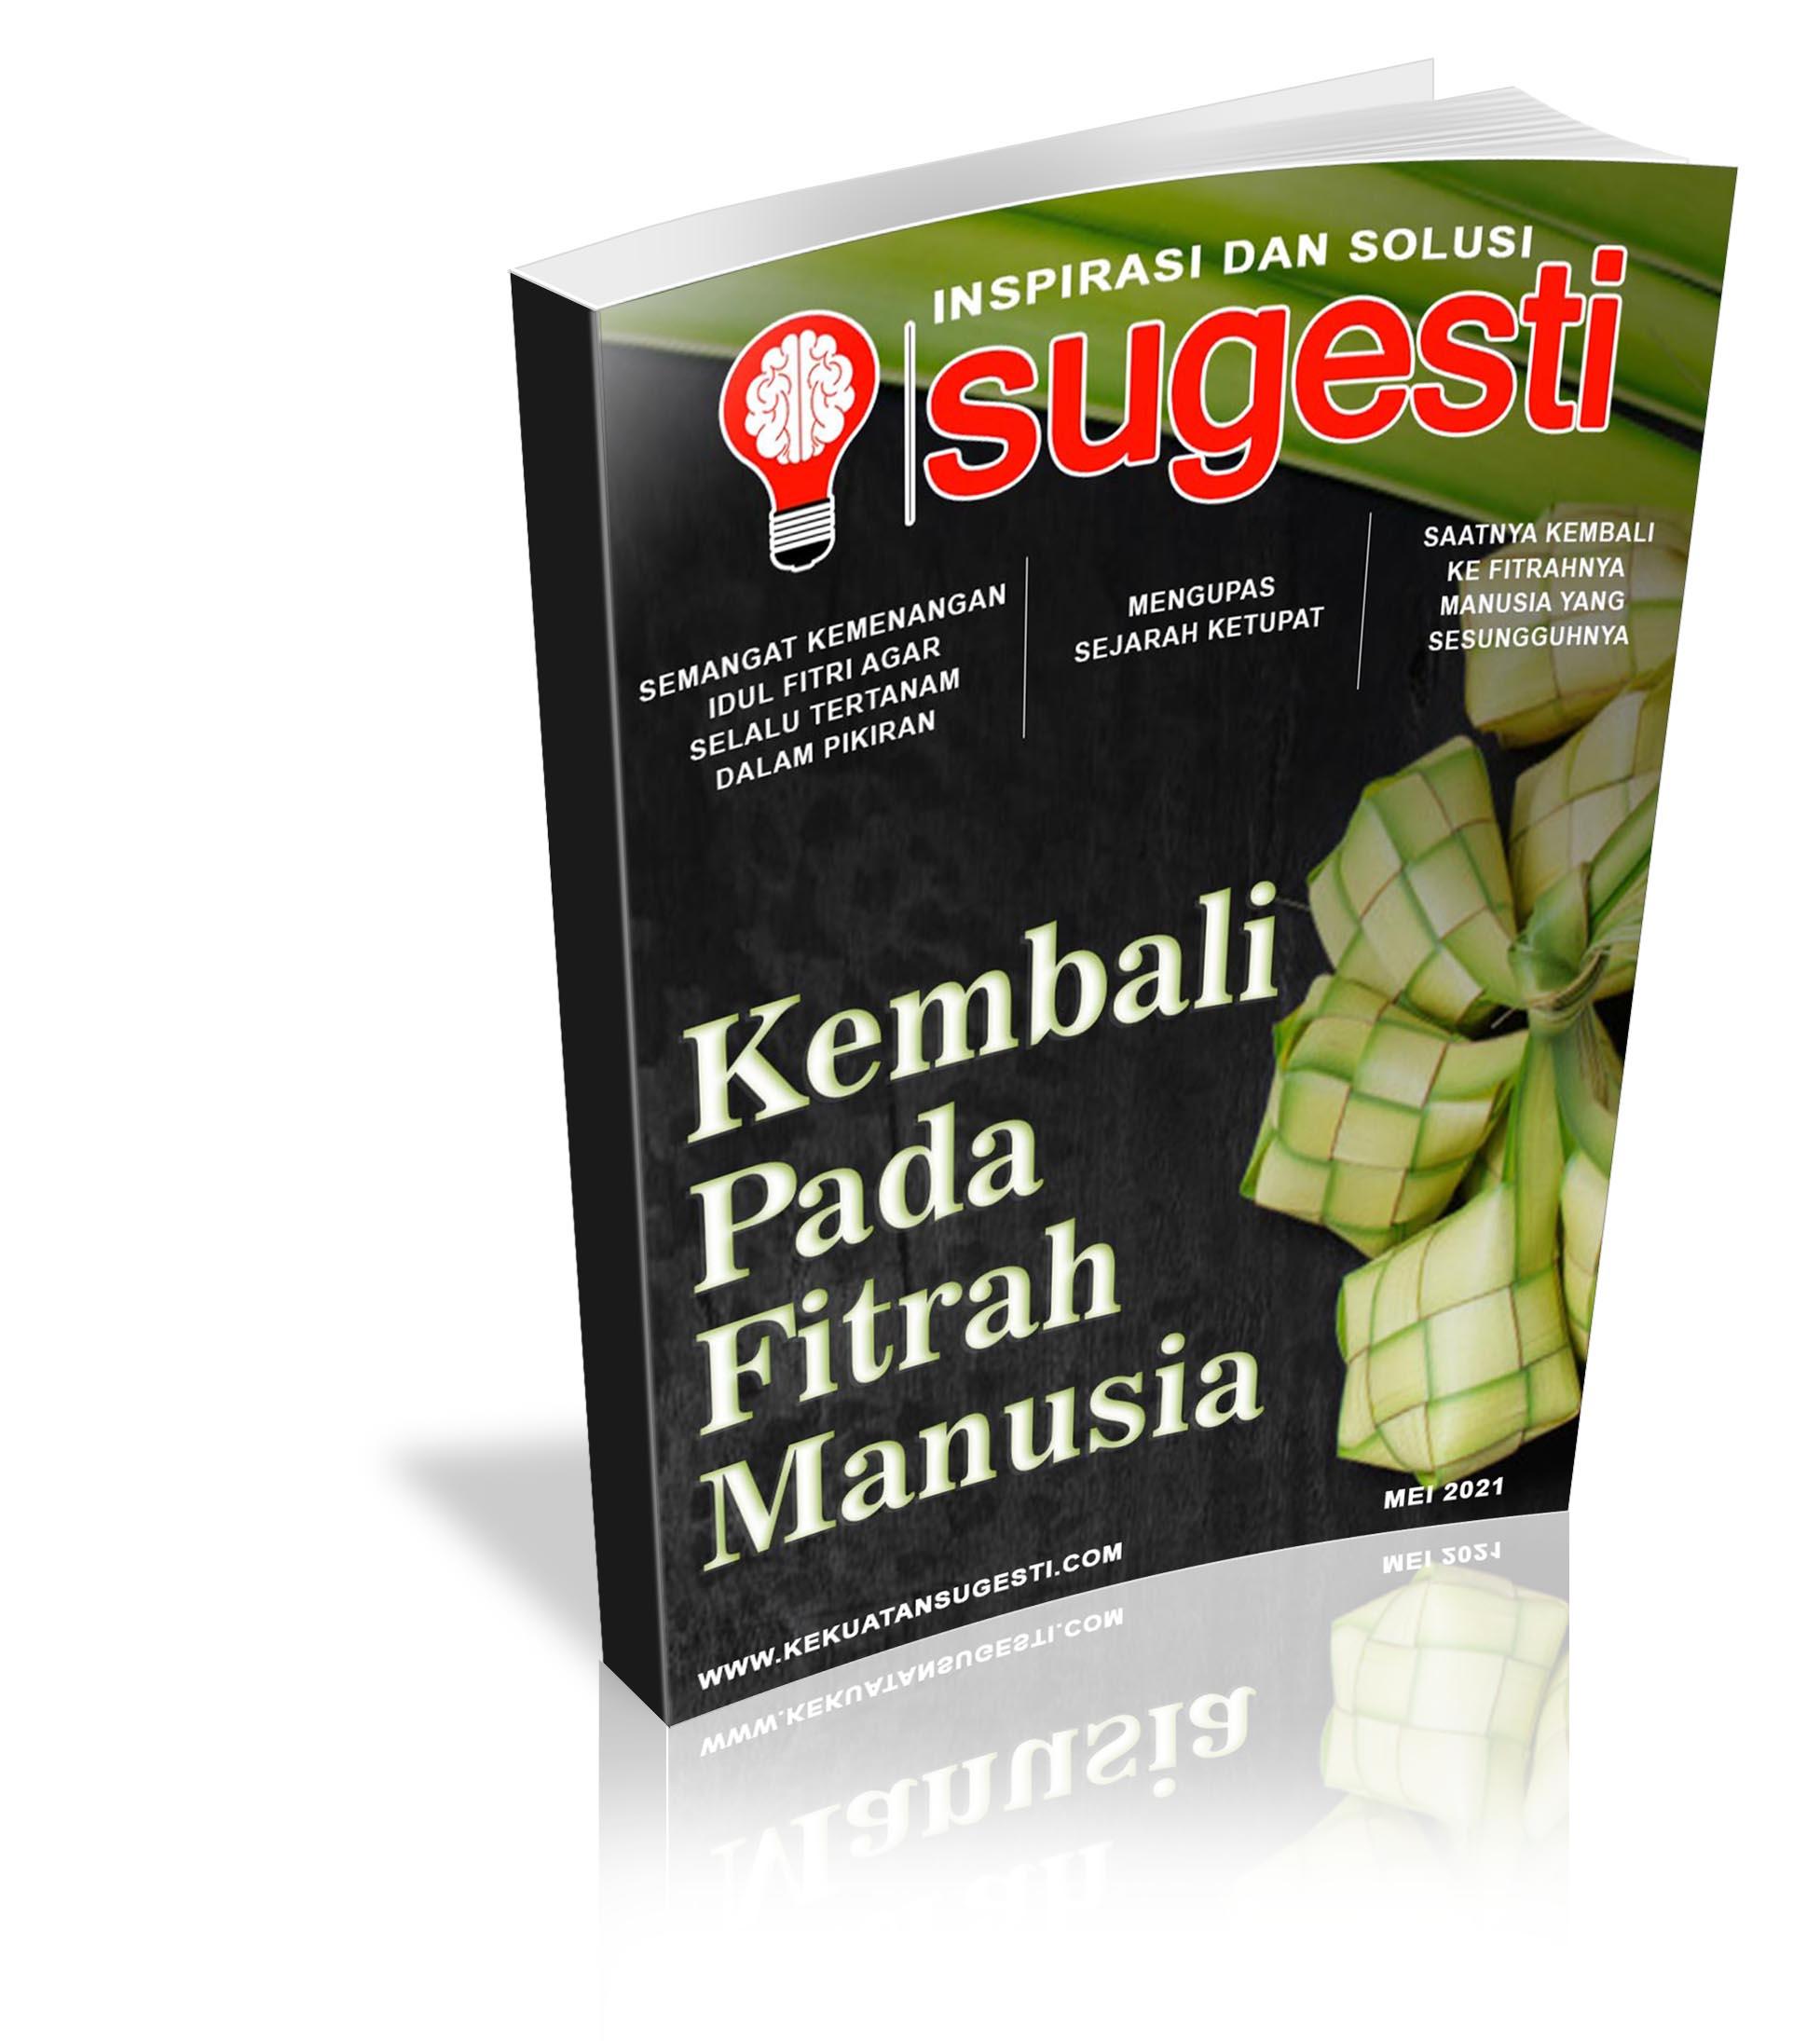 Majalah Sugesti Edisi ke Delapanpuluh Tiga Bulan Mei 2021